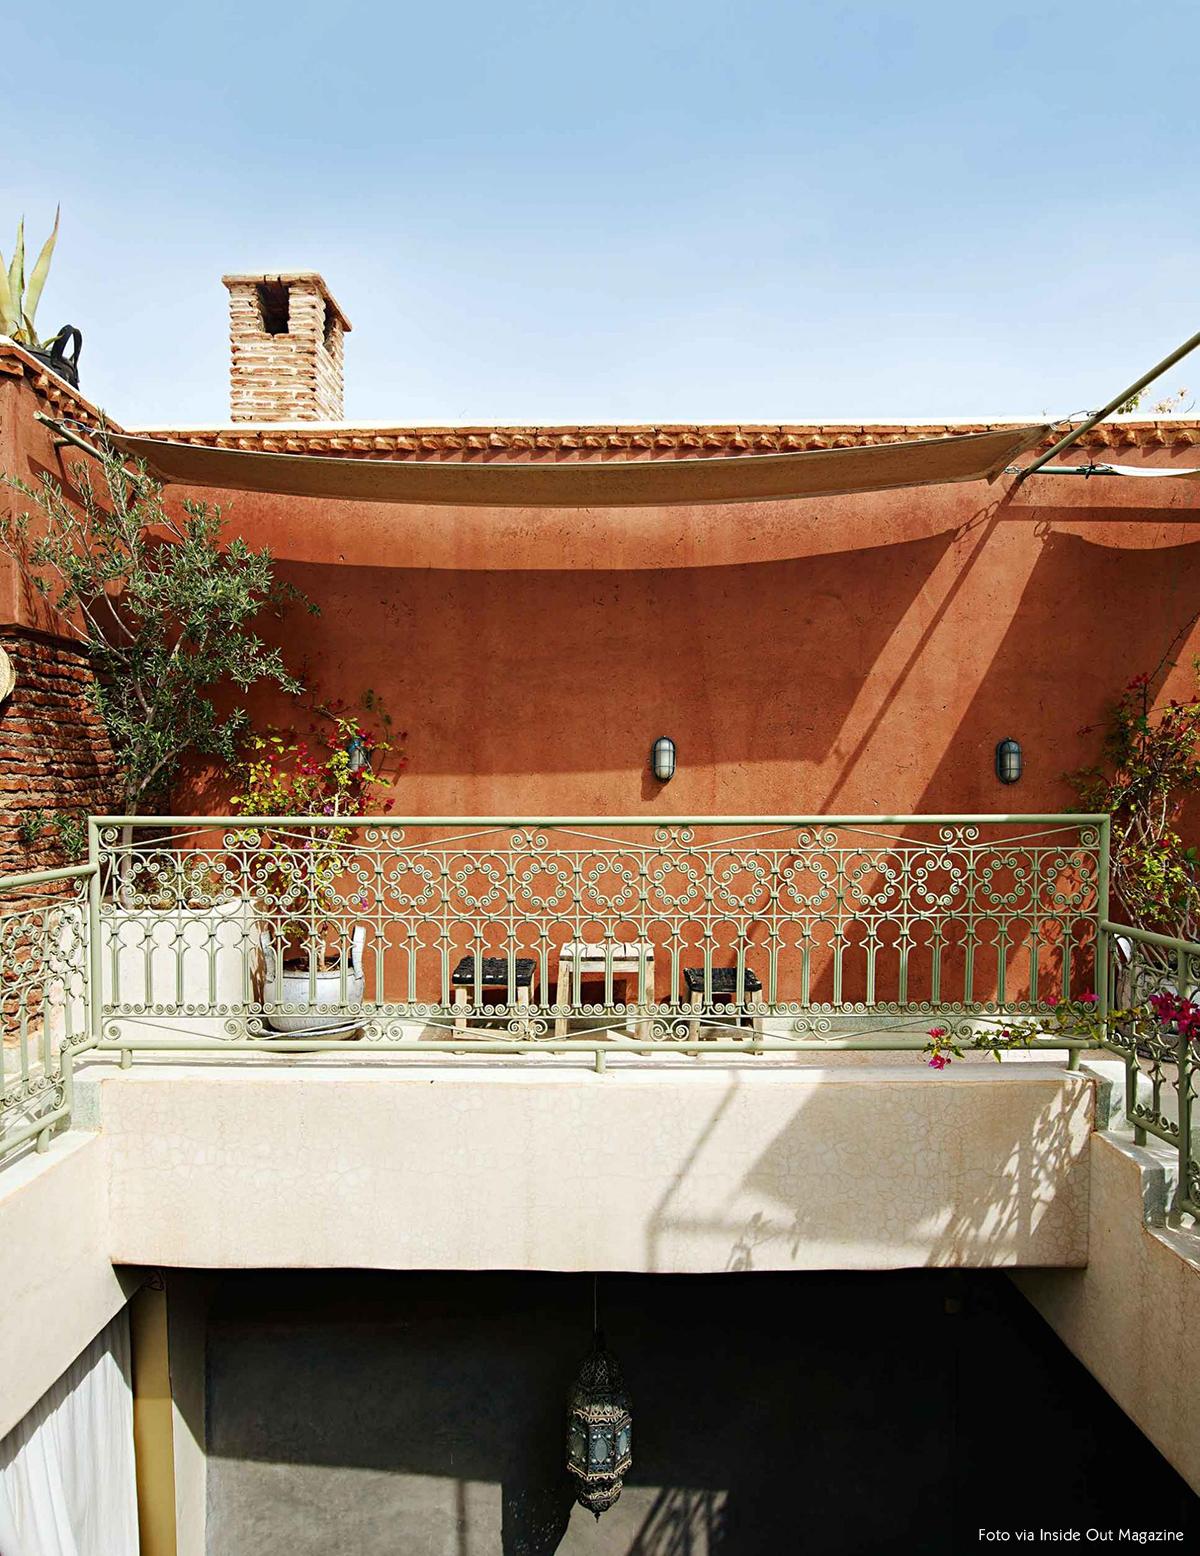 Inspiraçao marroquina